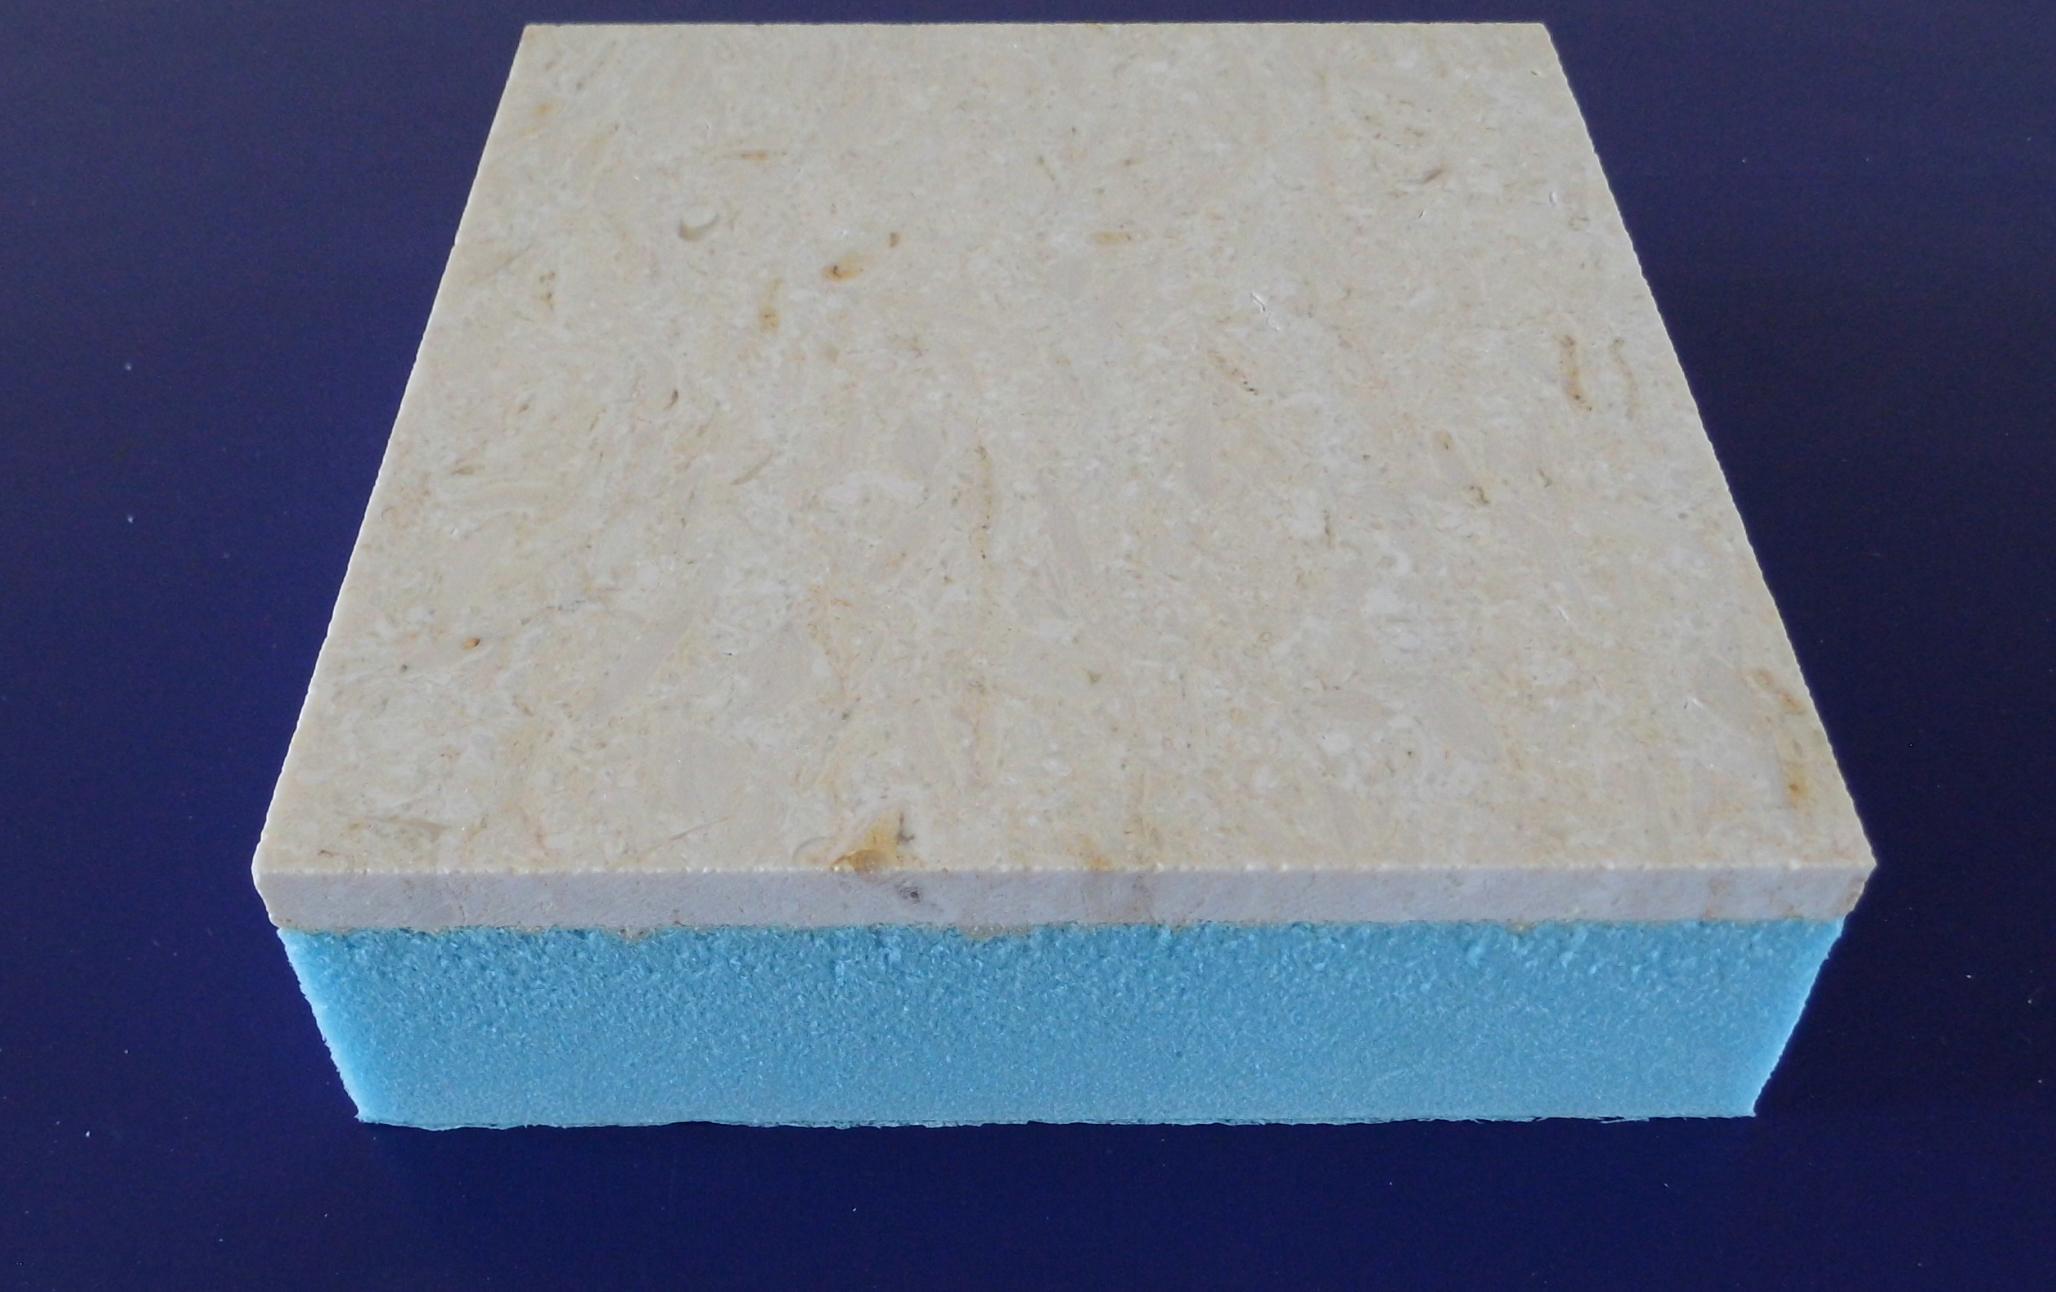 奥金米黄大理石保温装饰复合板